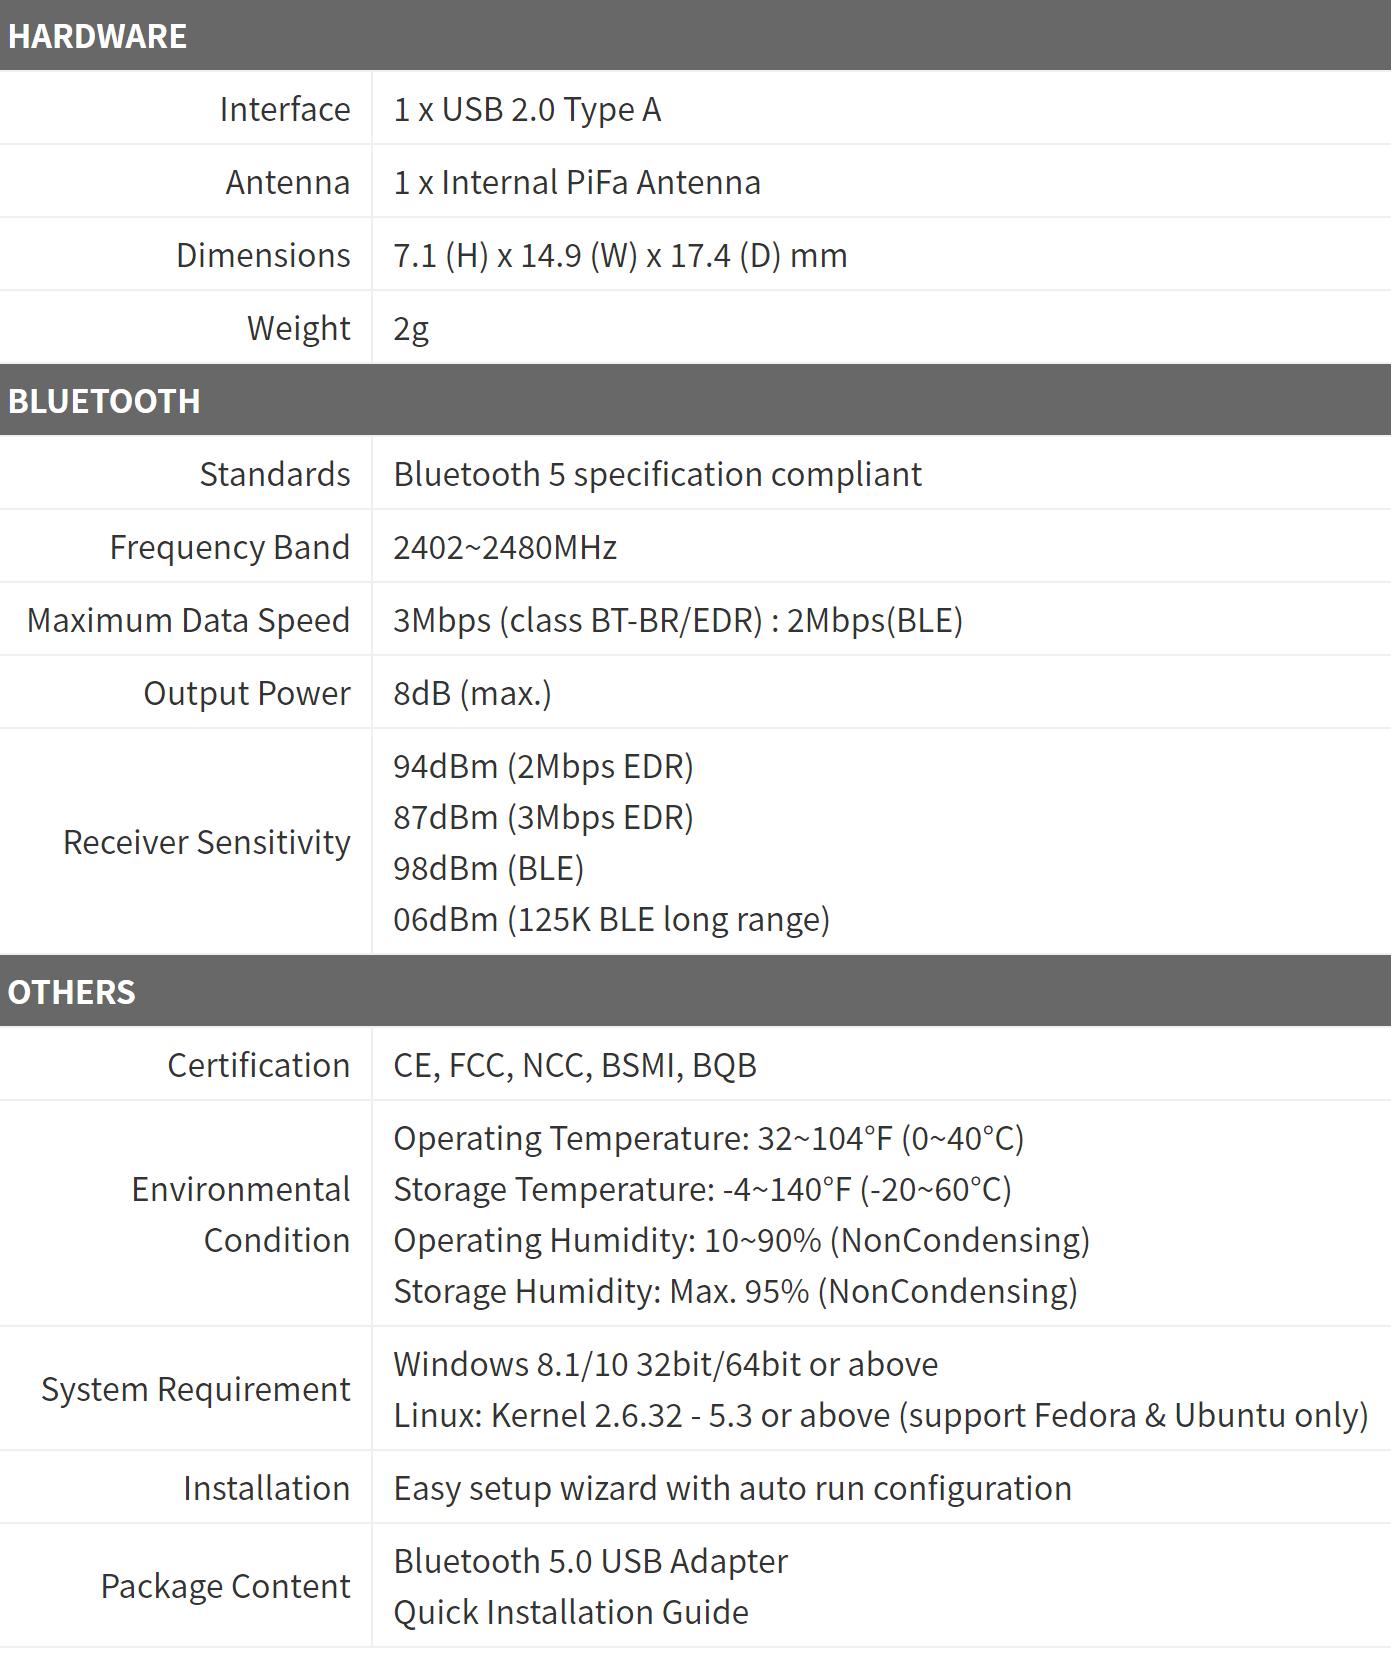 screencapture-edimax-edimax-merchandise-merchandise-detail-data-edimax-global-bluetooth-bt-8500-2021-02-19-11_50_55.png